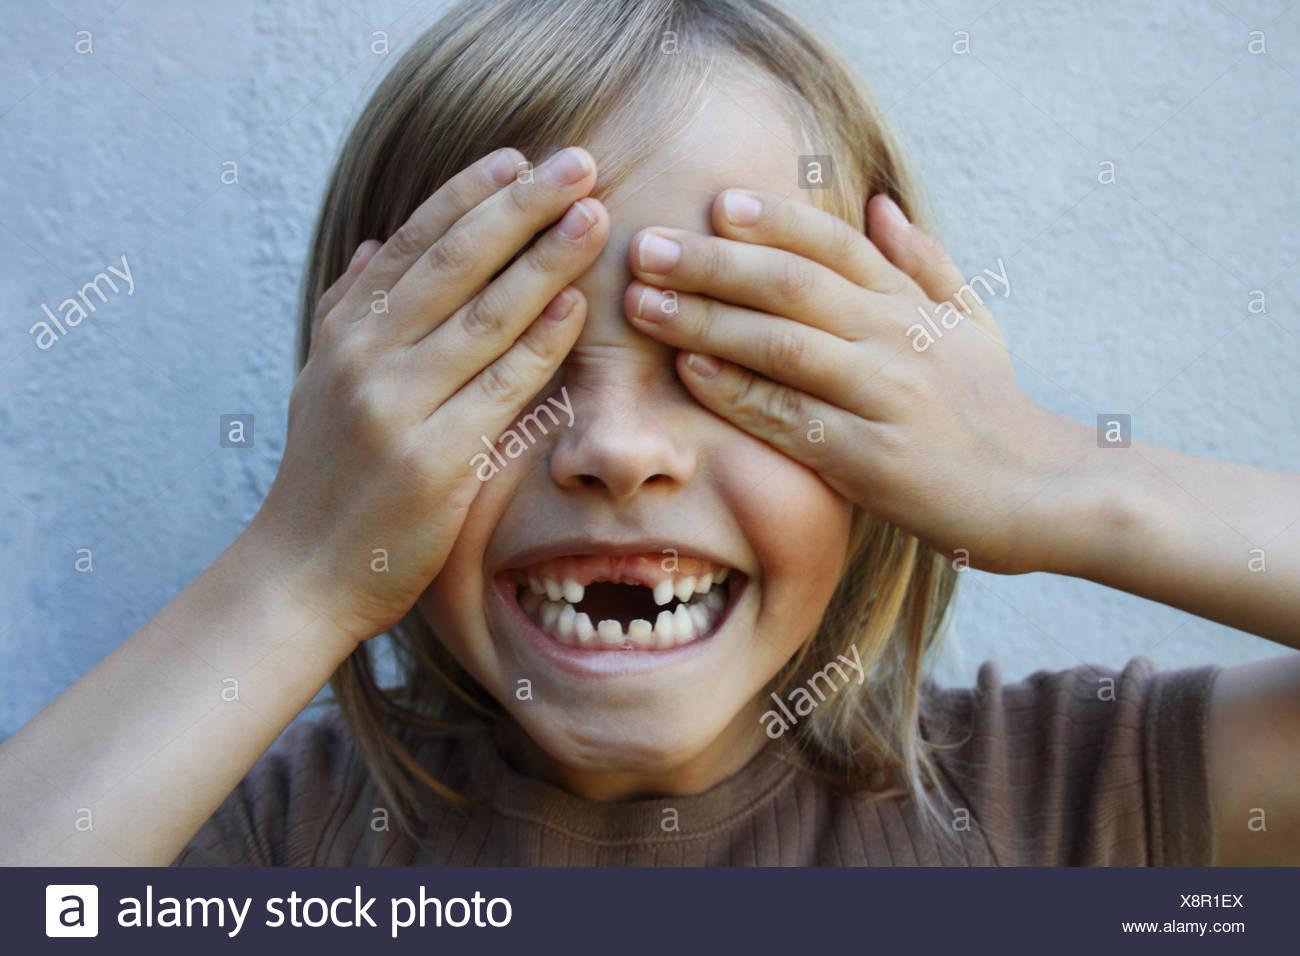 Avec gap garçon sourire denté avec mains couvrant les yeux Banque D'Images